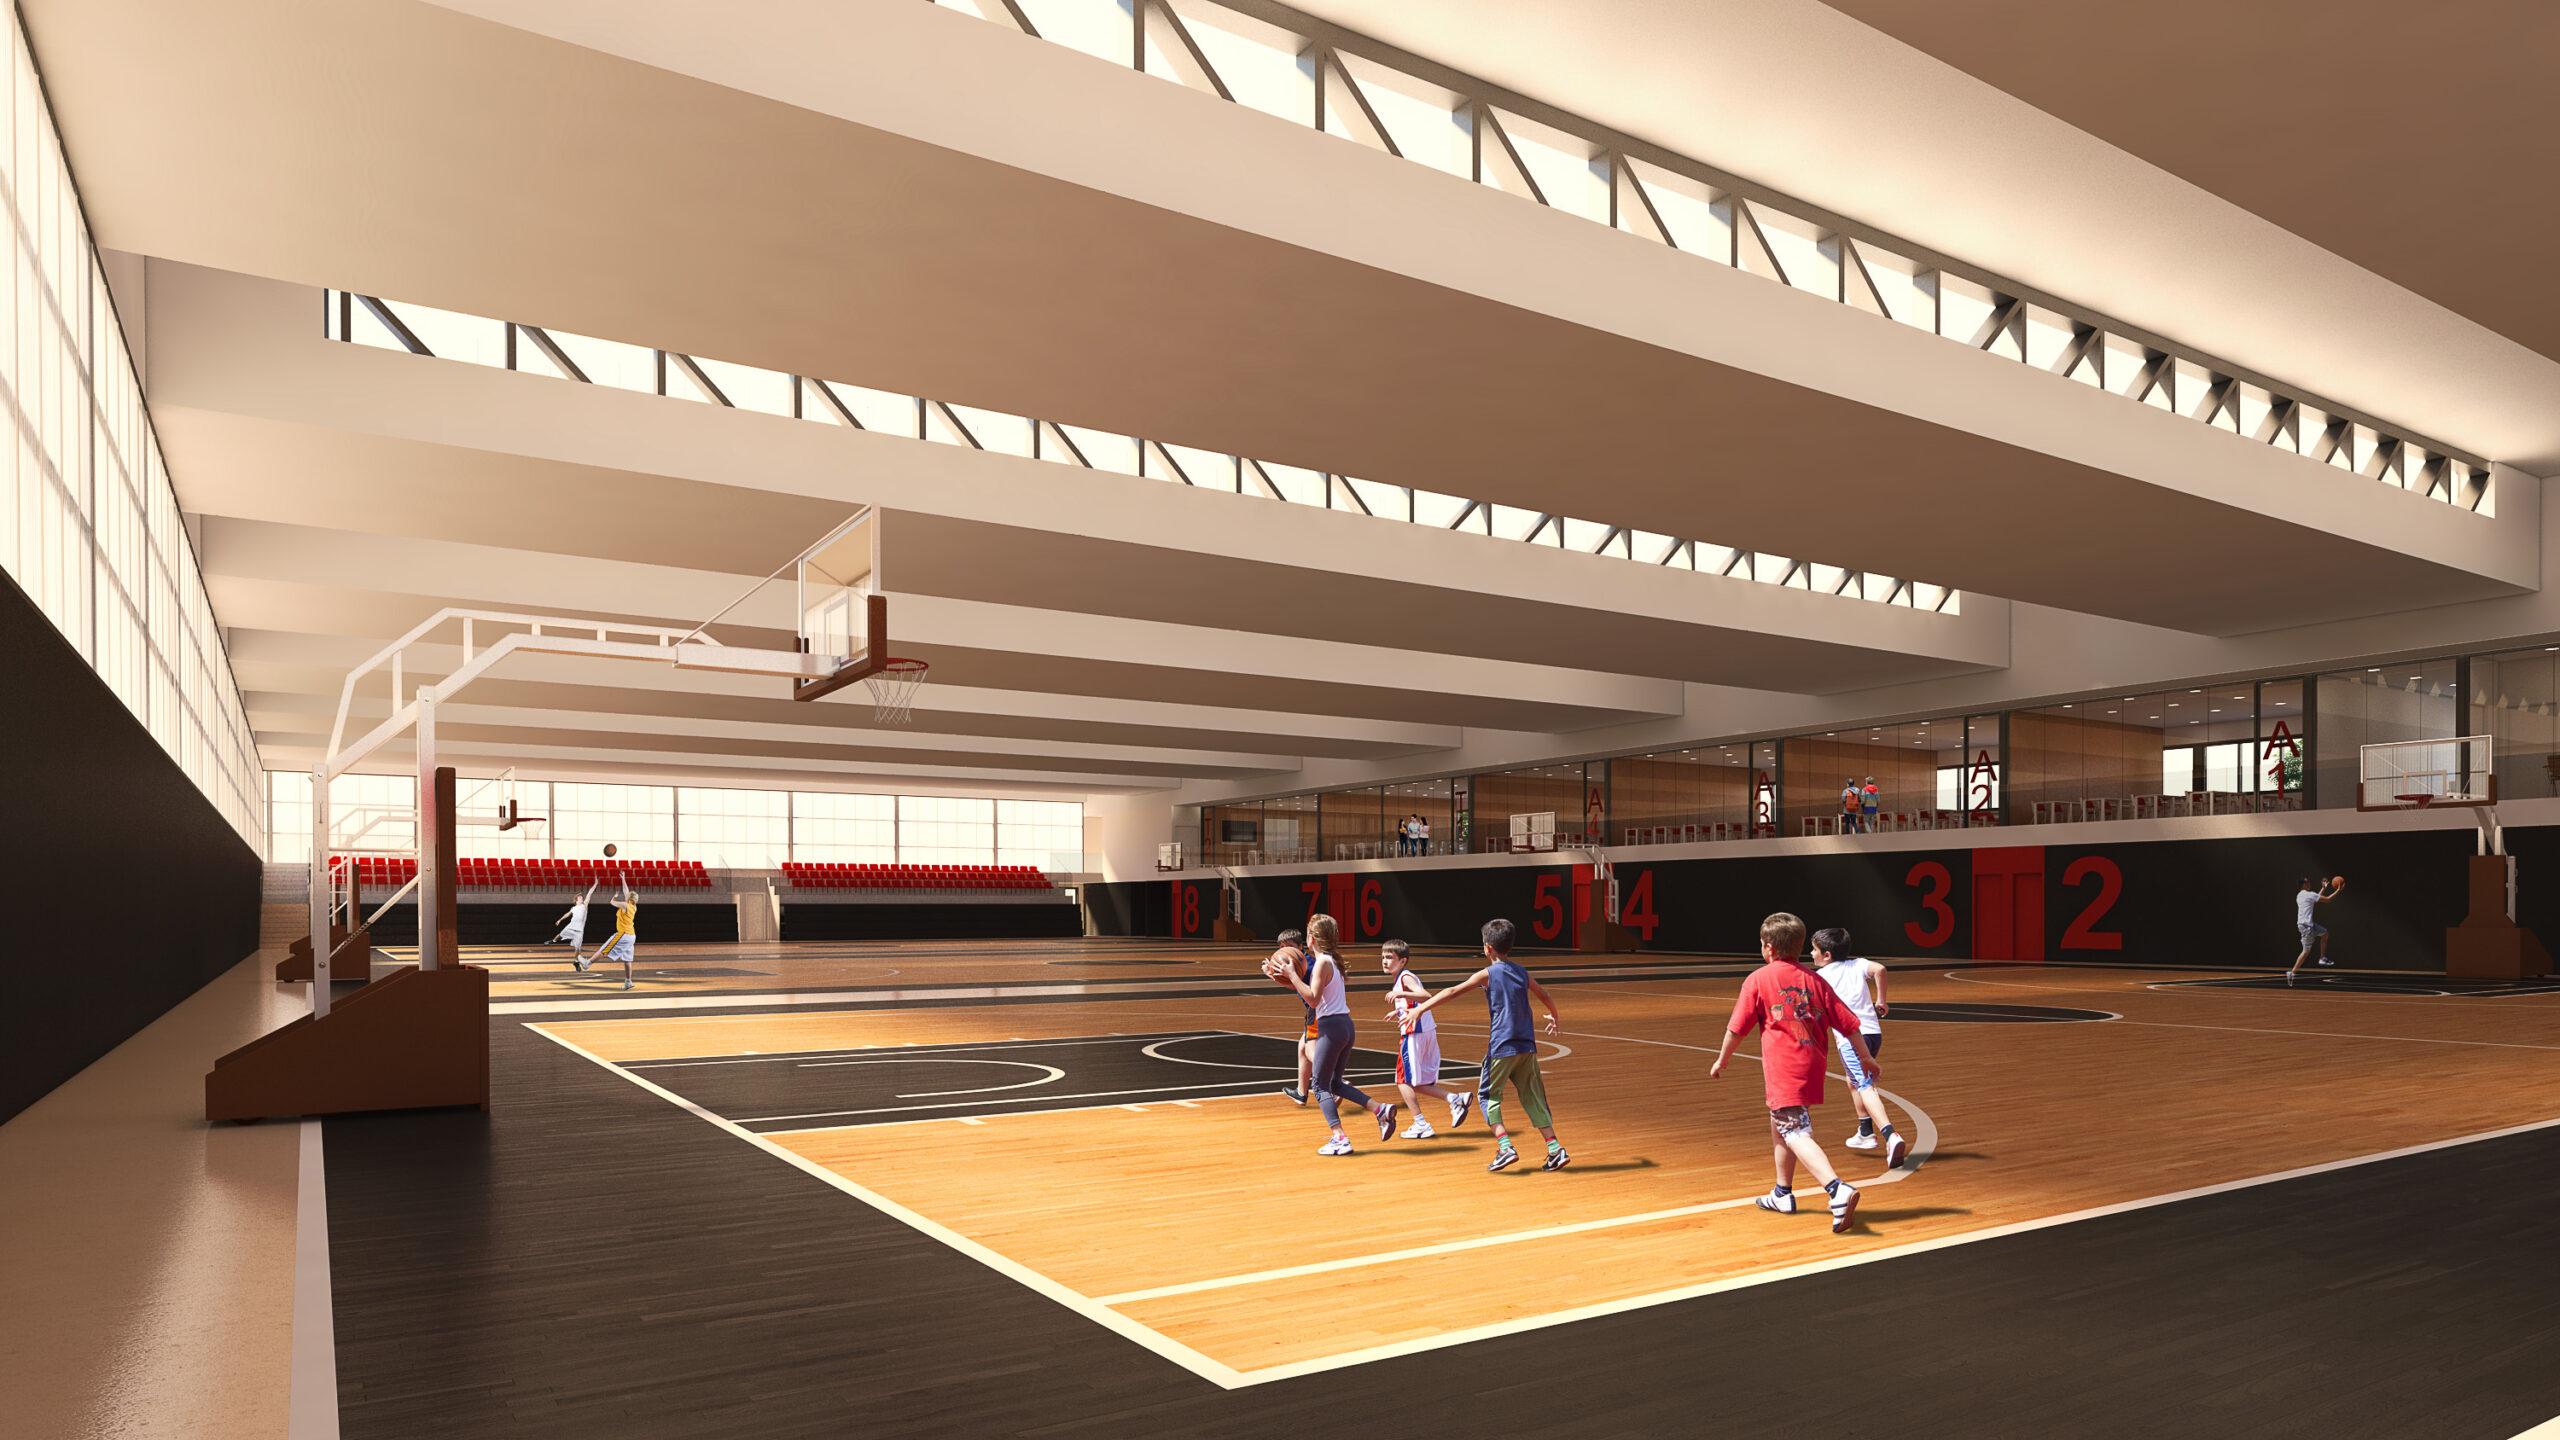 Ciudad Basket Buho Blanco Logroño